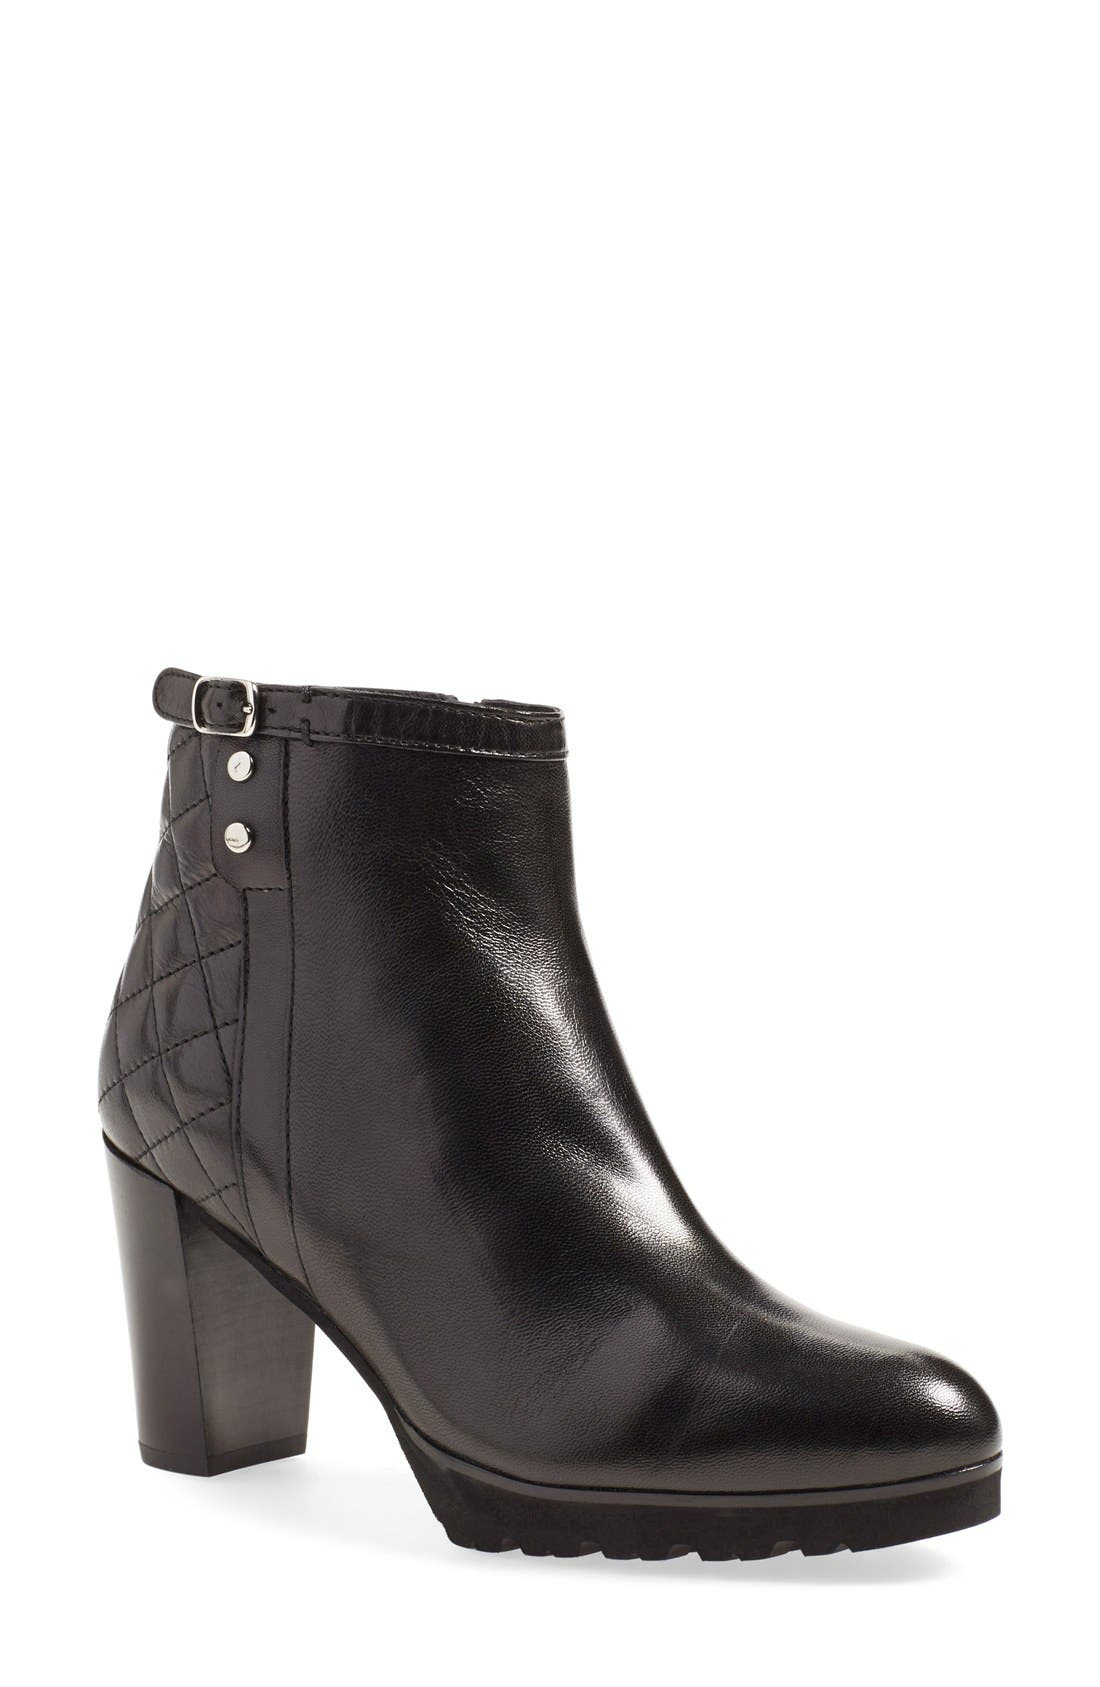 Main Image - AnyiLu 'Nicky' Boot (Women)